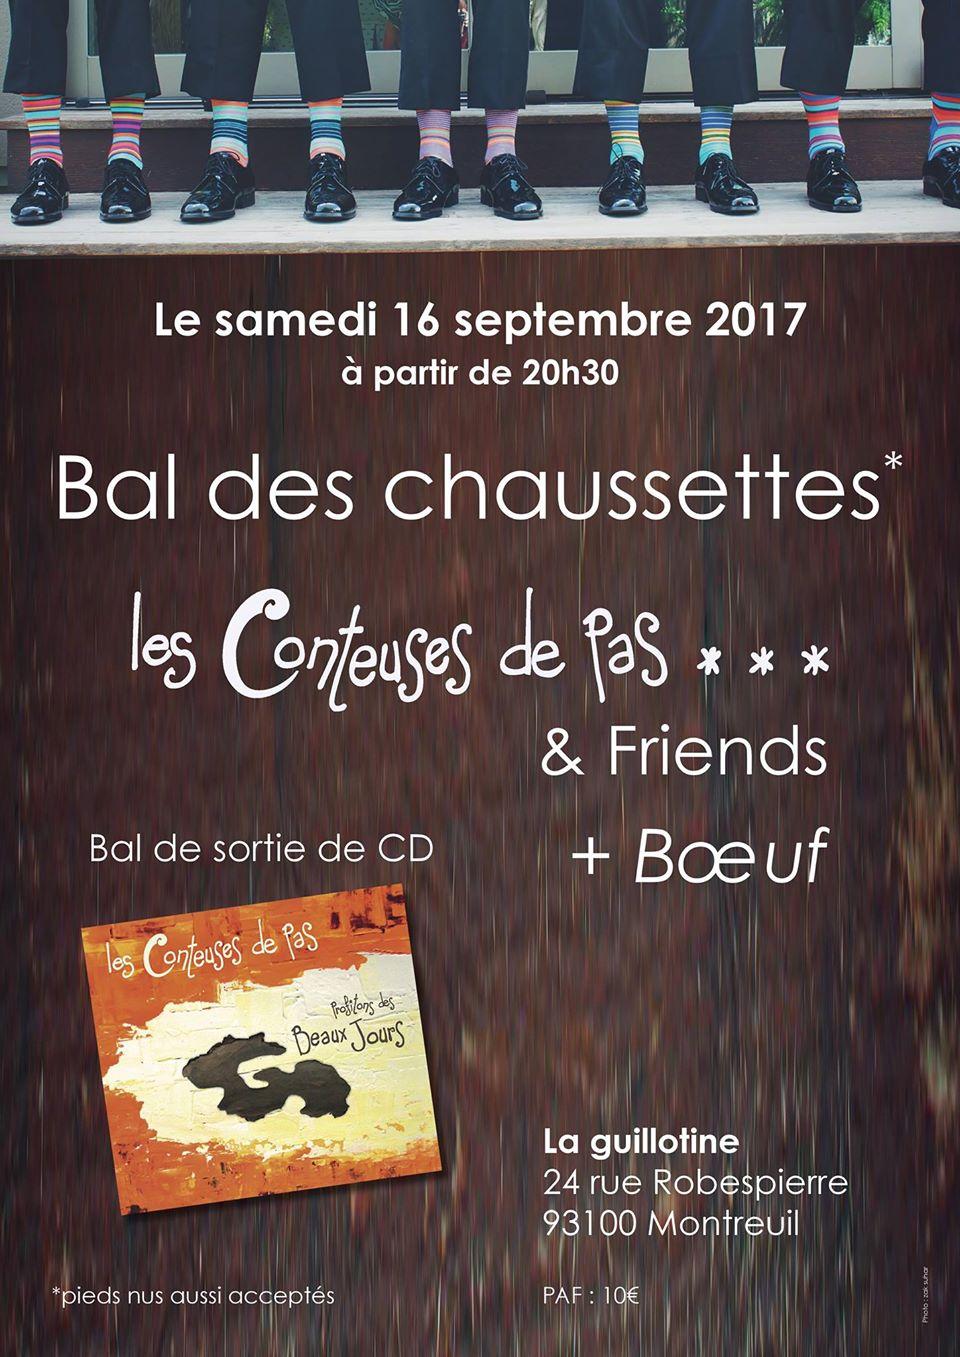 Affiche Bal folk bal des chaussettes, sortie de CD des conteuses de pas à Montreuil